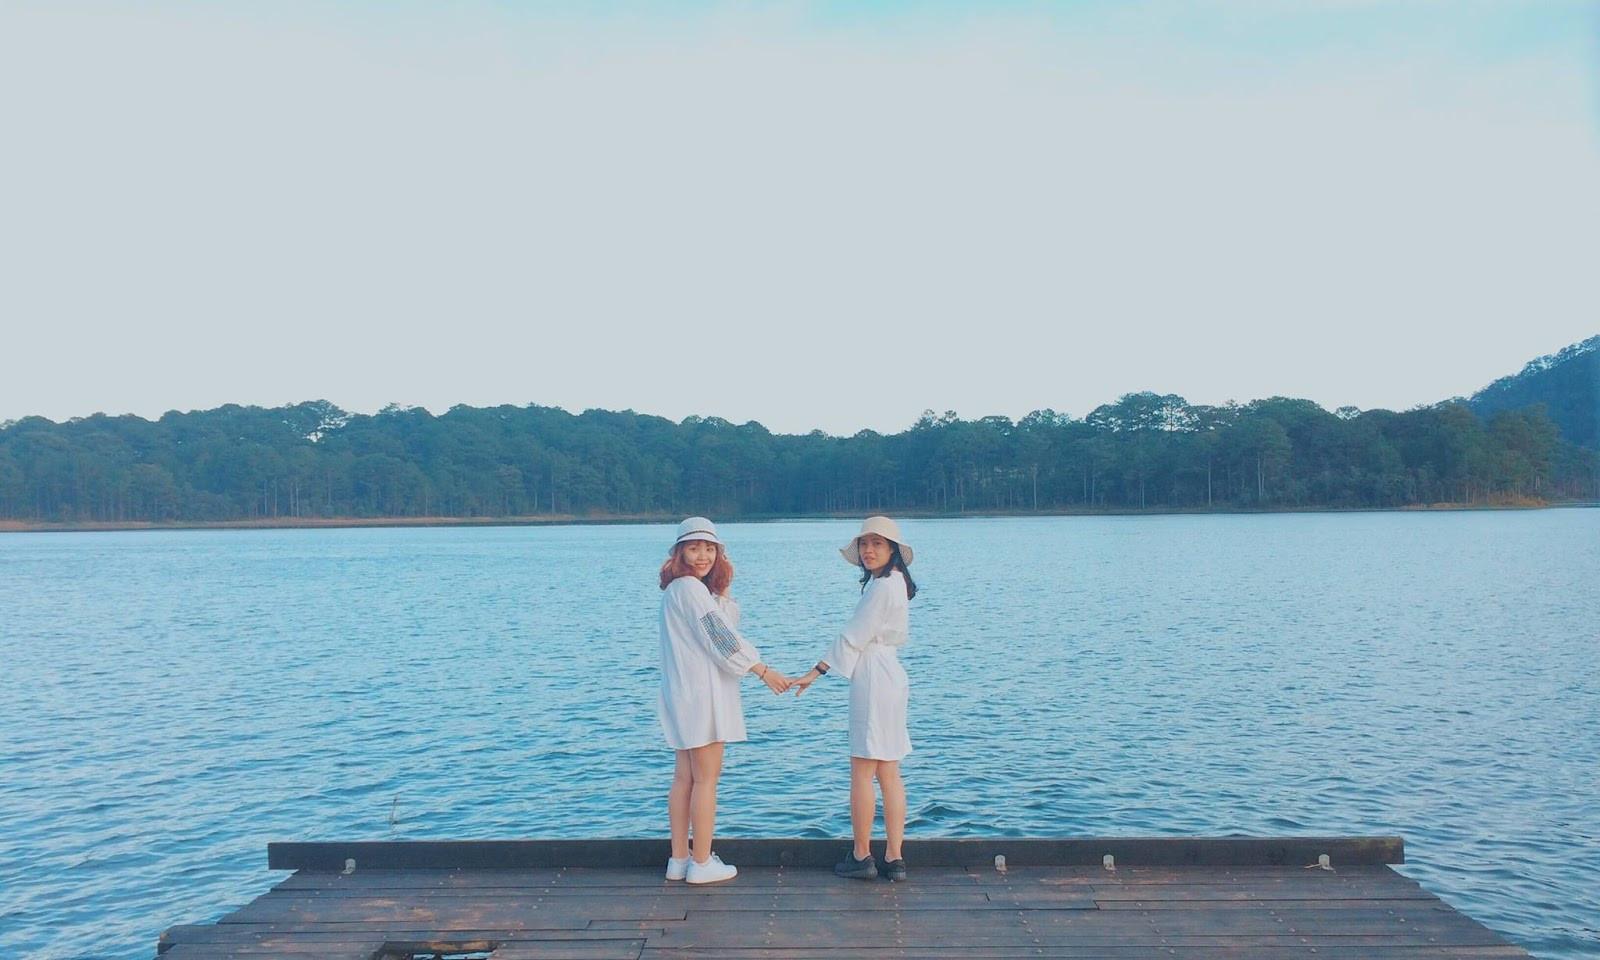 Đặc trưng của hồ Tuyền Lâm là được bao quanh bởi rừng thông xinh đẹp